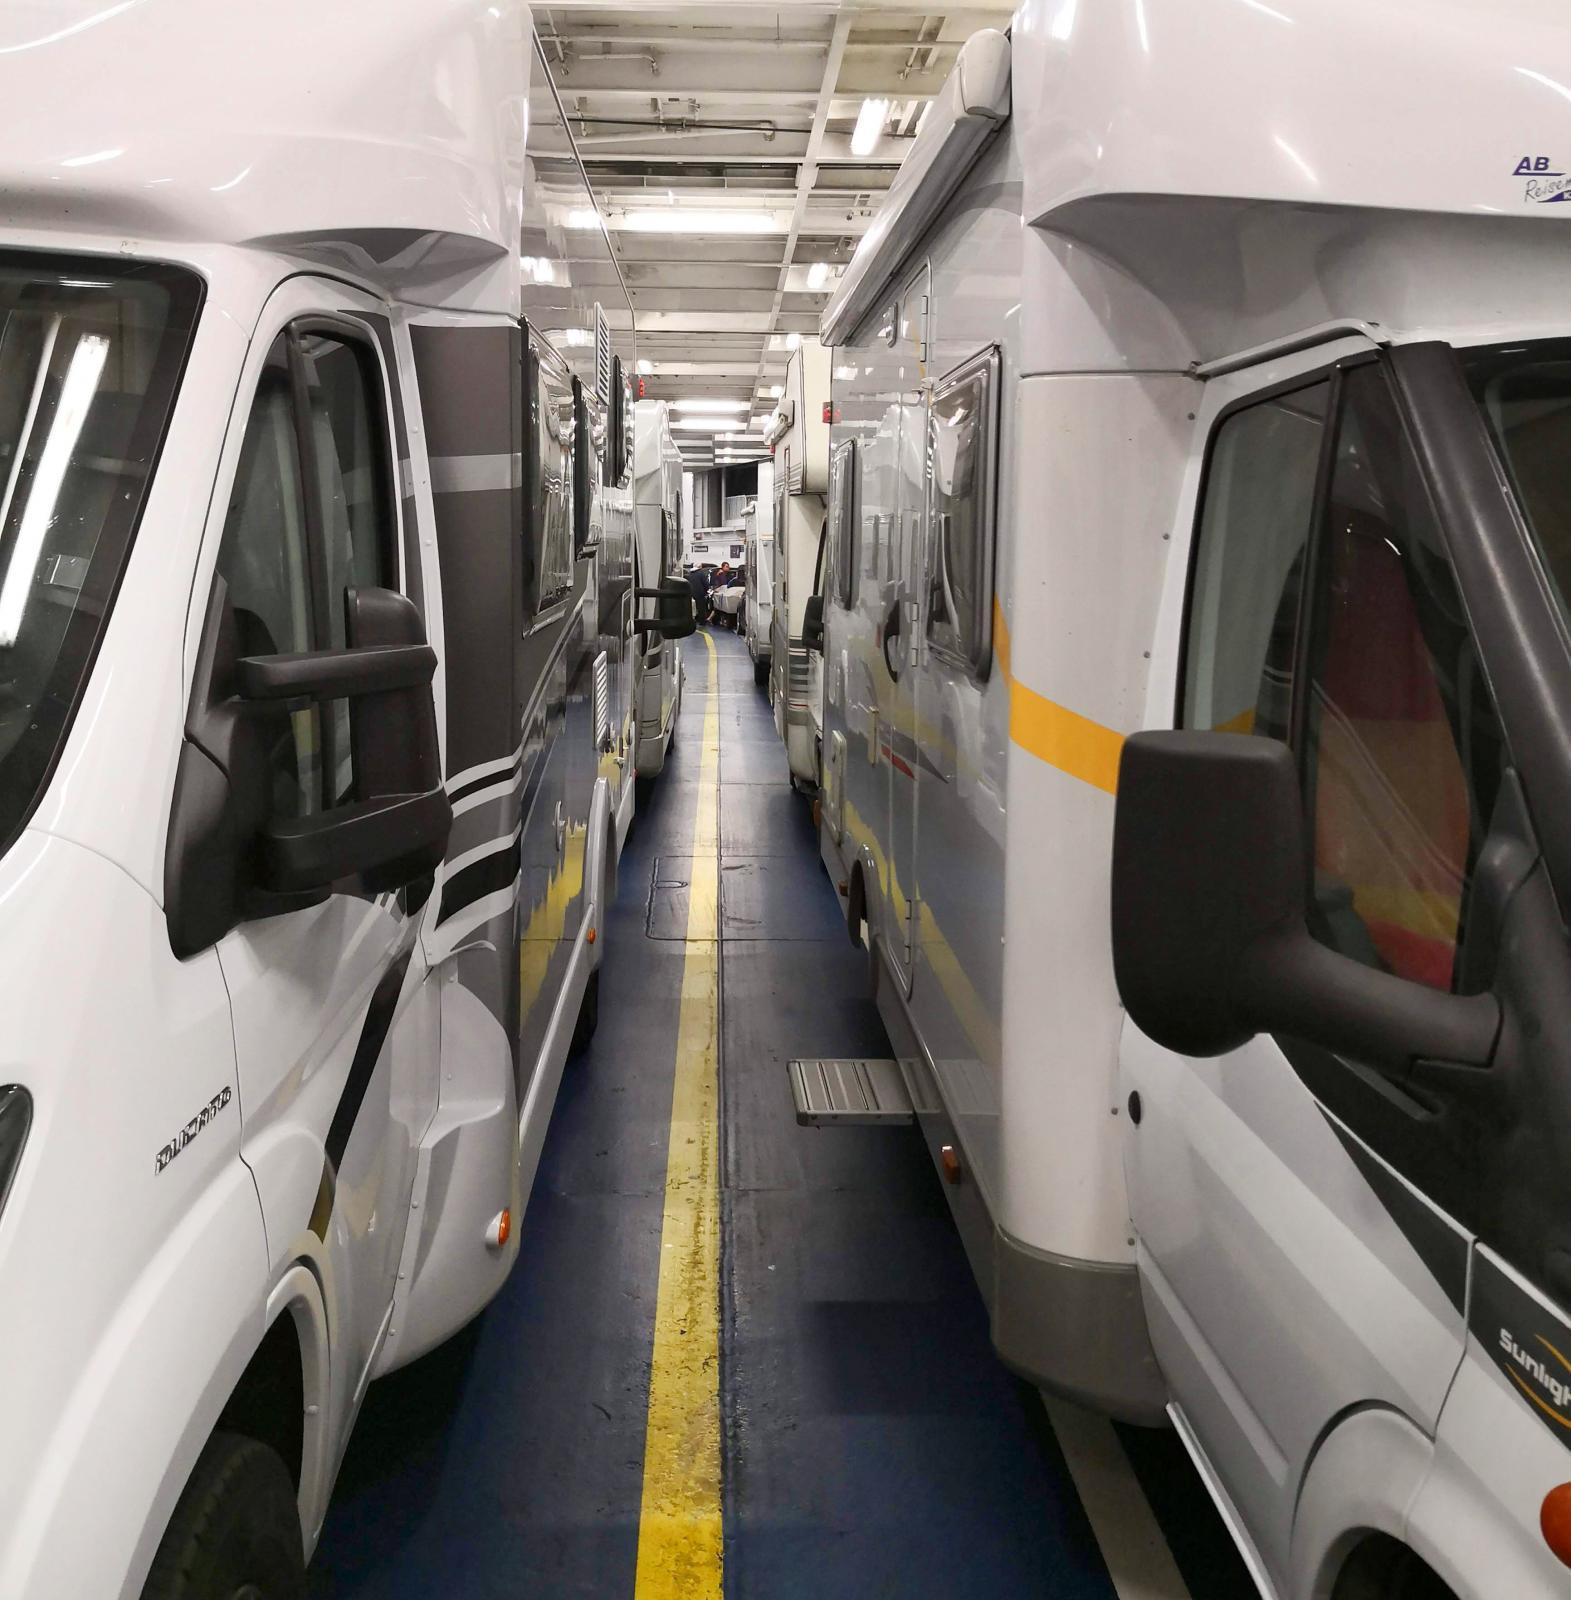 Högsäsong betyder ofta mängder av husbilar och då brukar det vara svårare att få ström till husbilen.